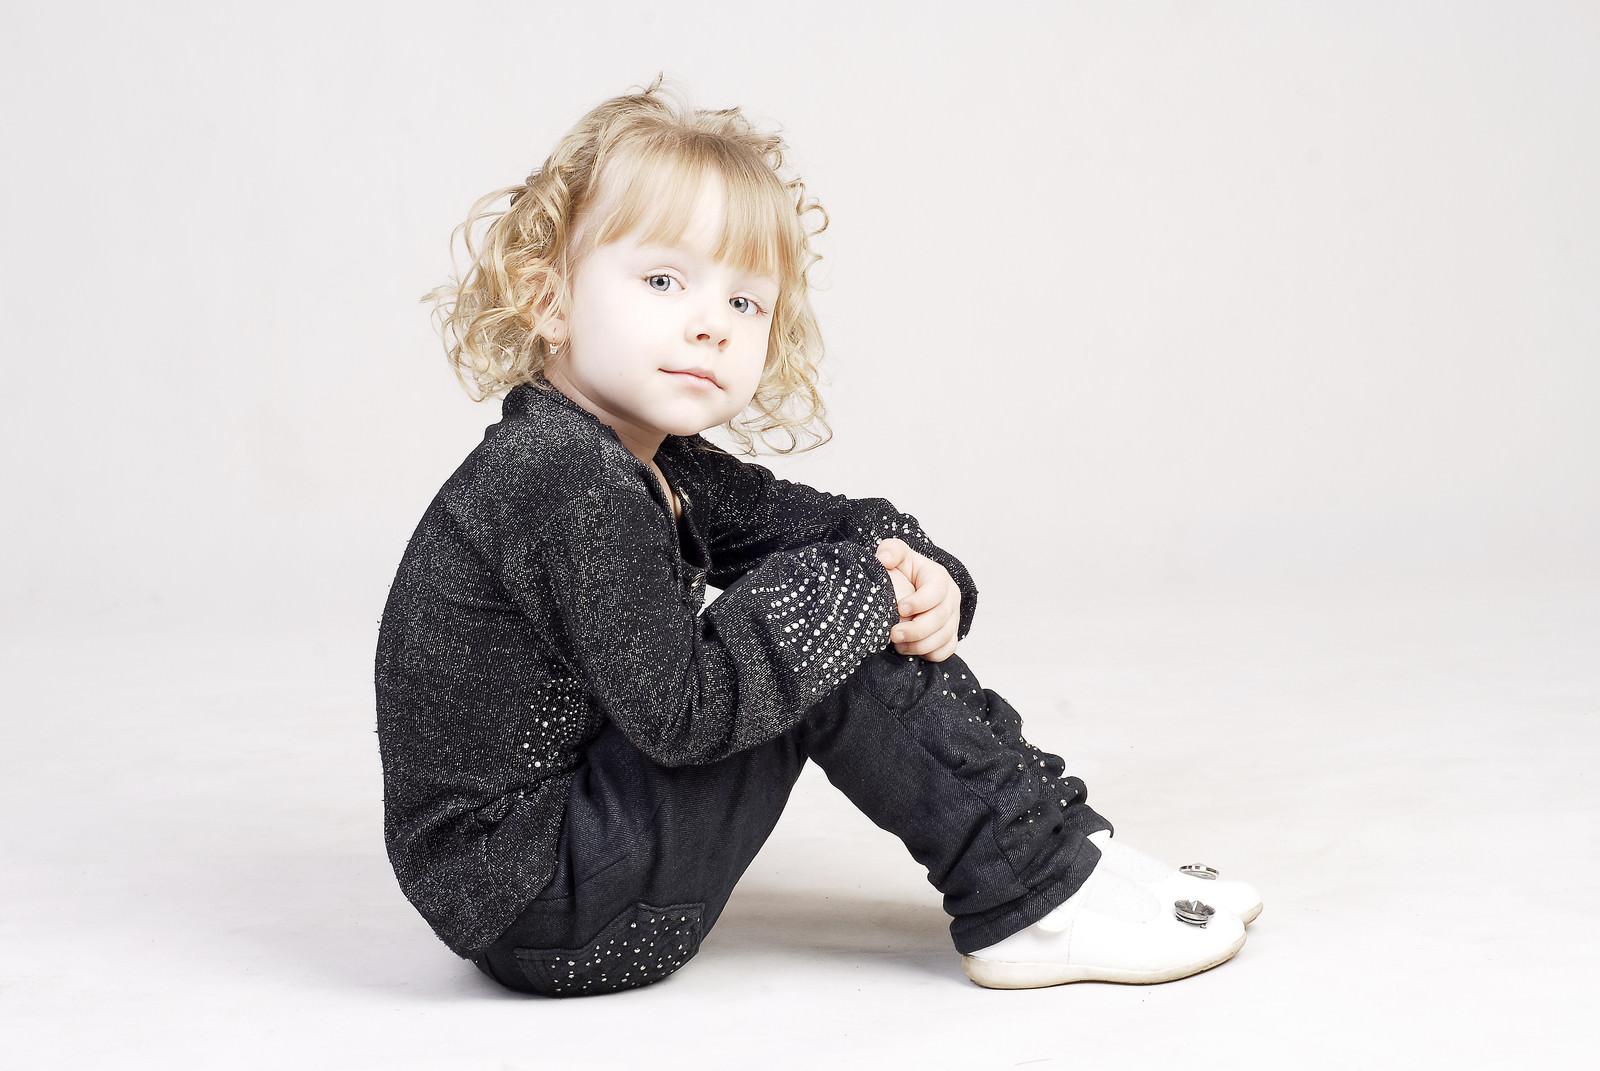 「ちょこんと体育座りする子供」の写真[モデル:モデルファクトリー]